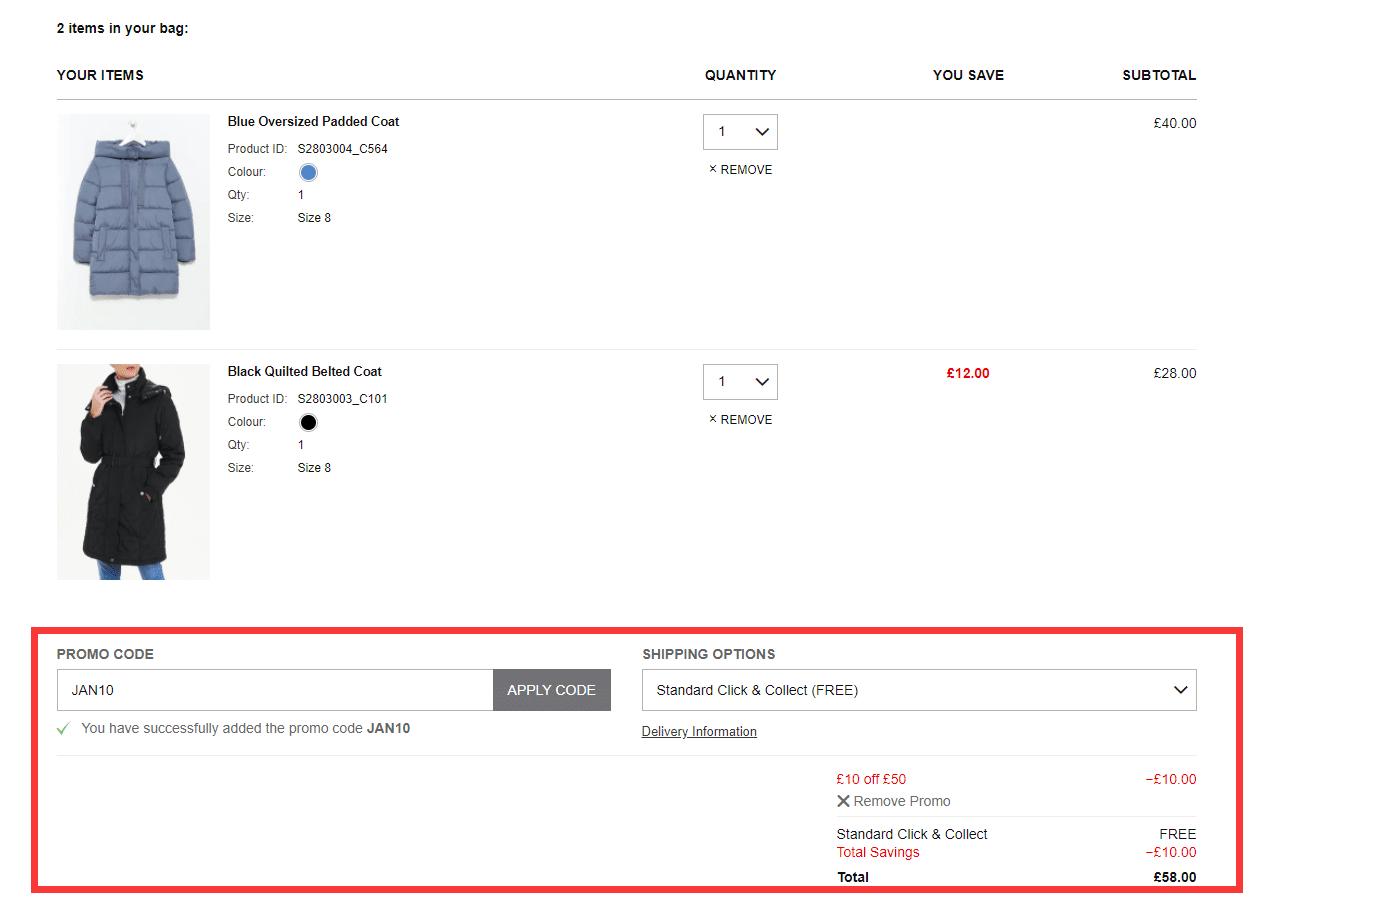 matalan.co.uk £10 off £50 discount code